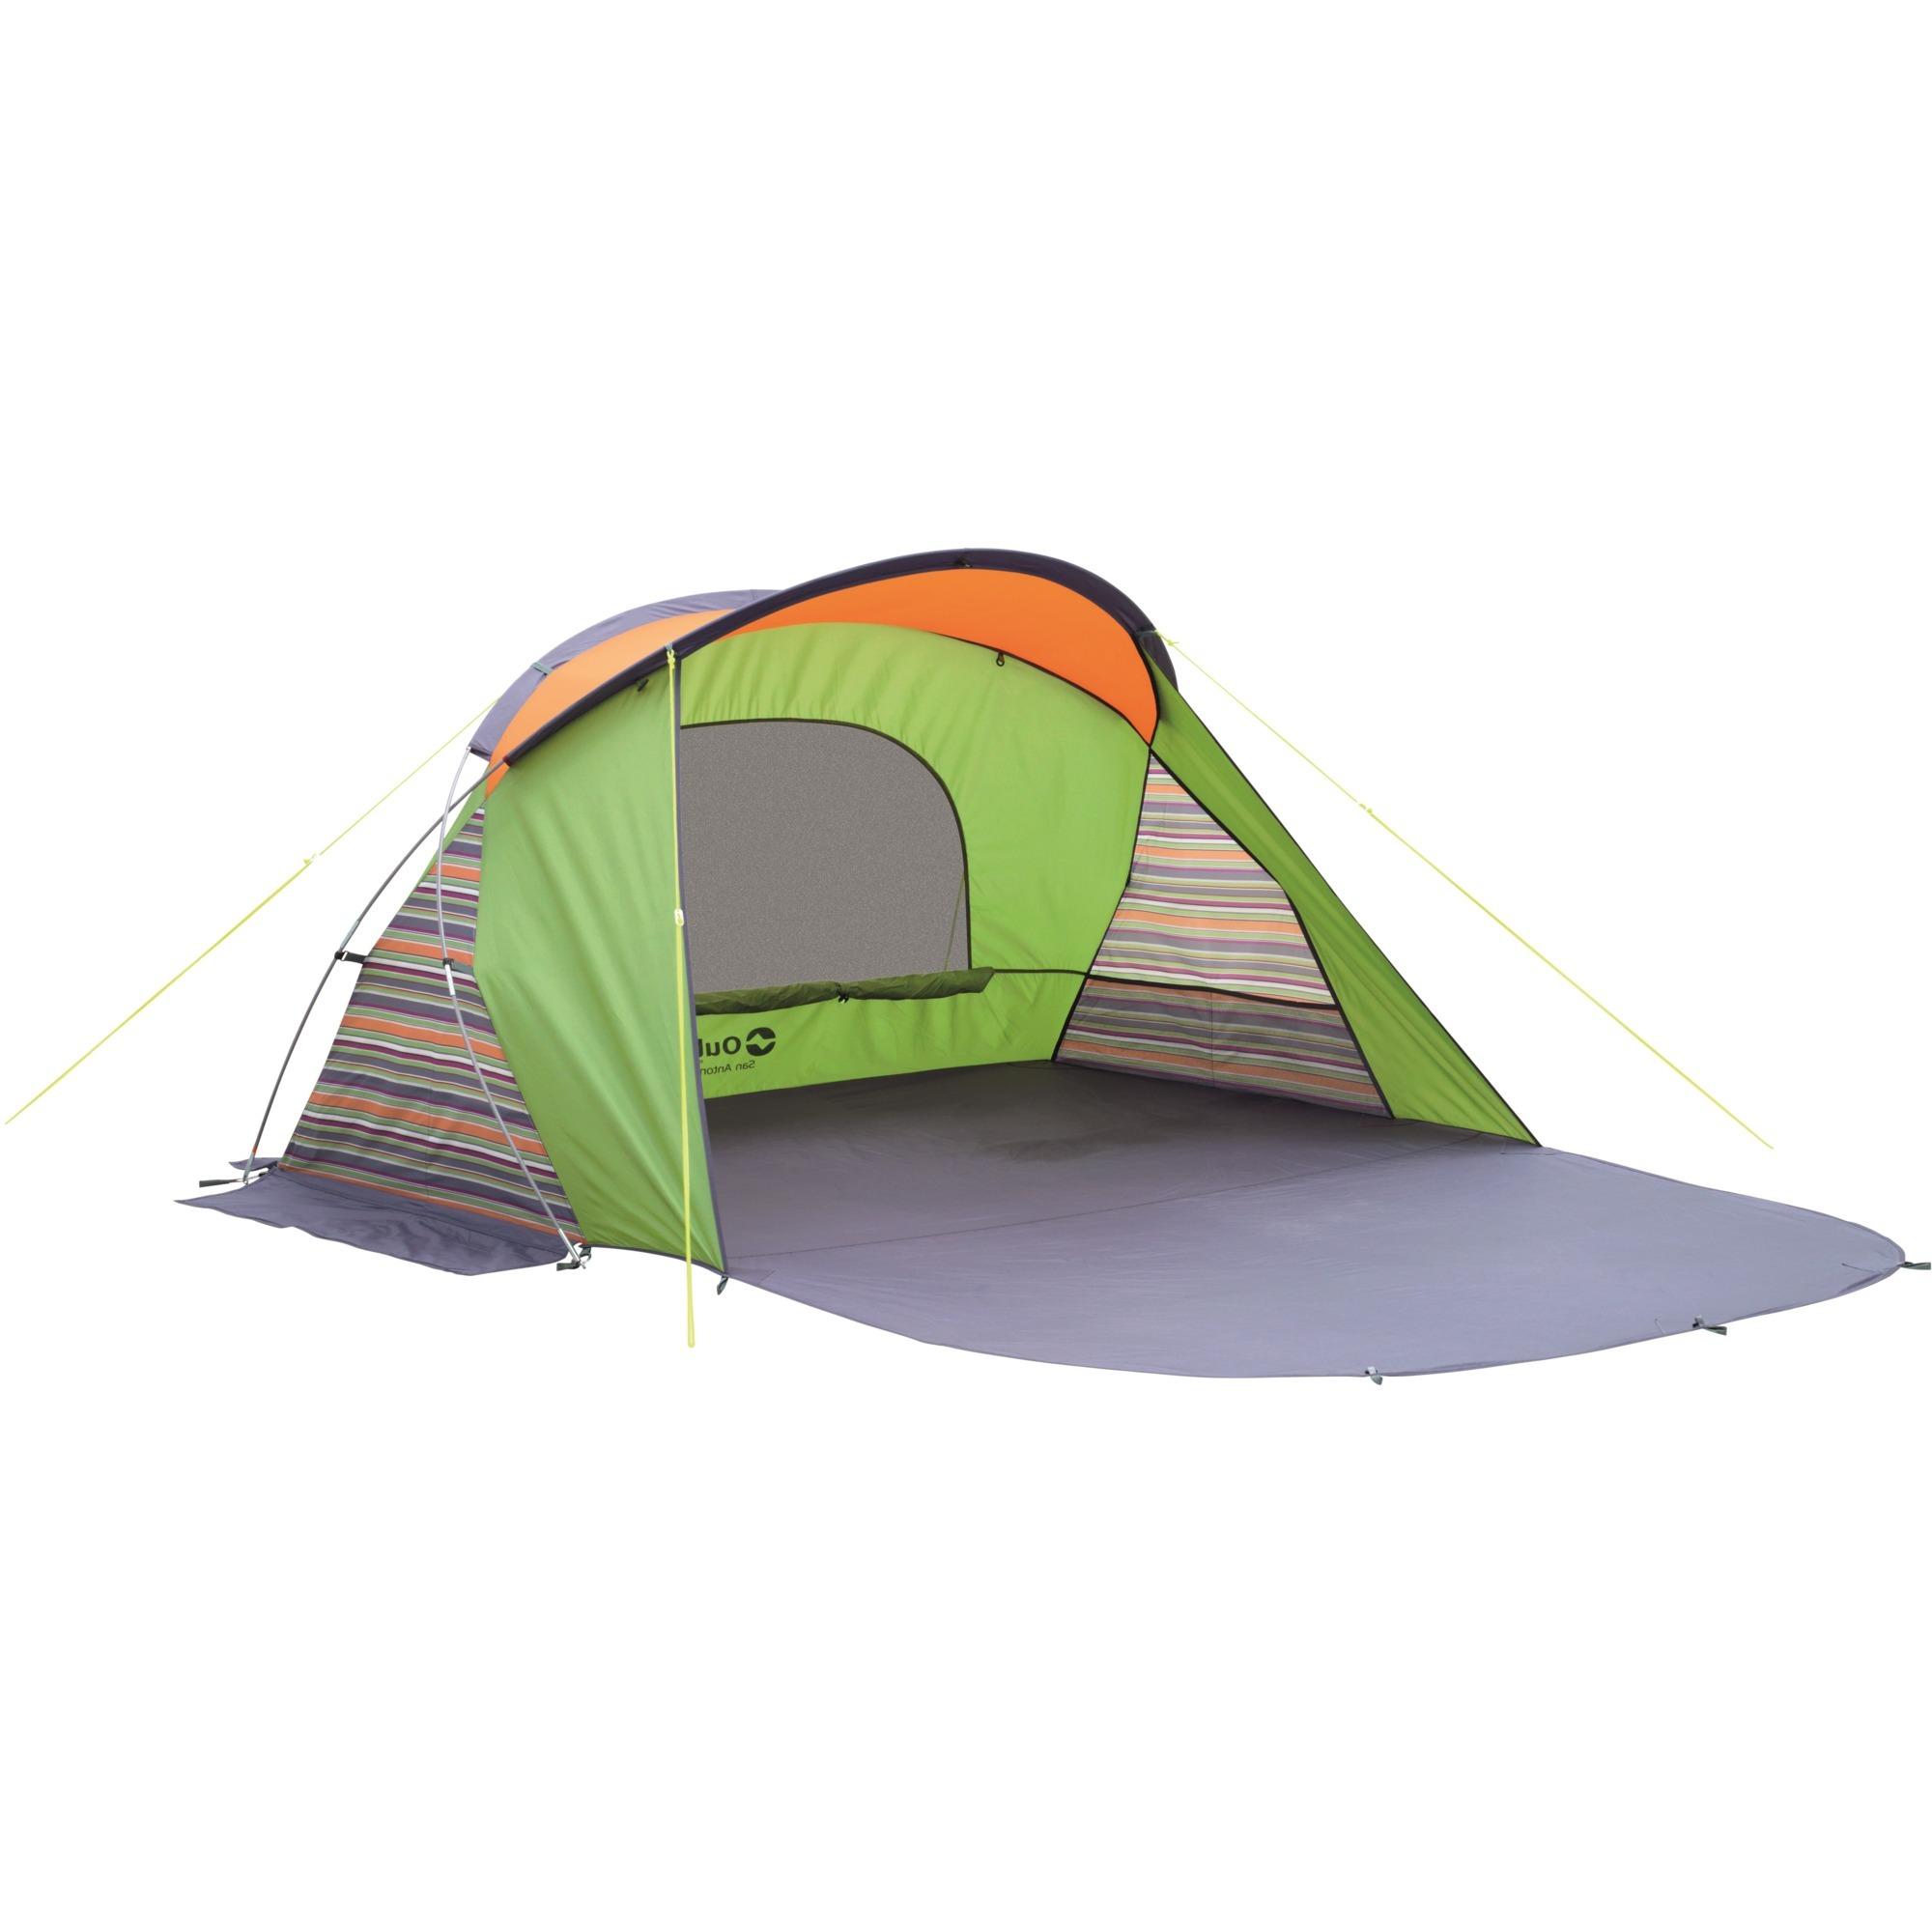 san-antonio-gron-graa-telt